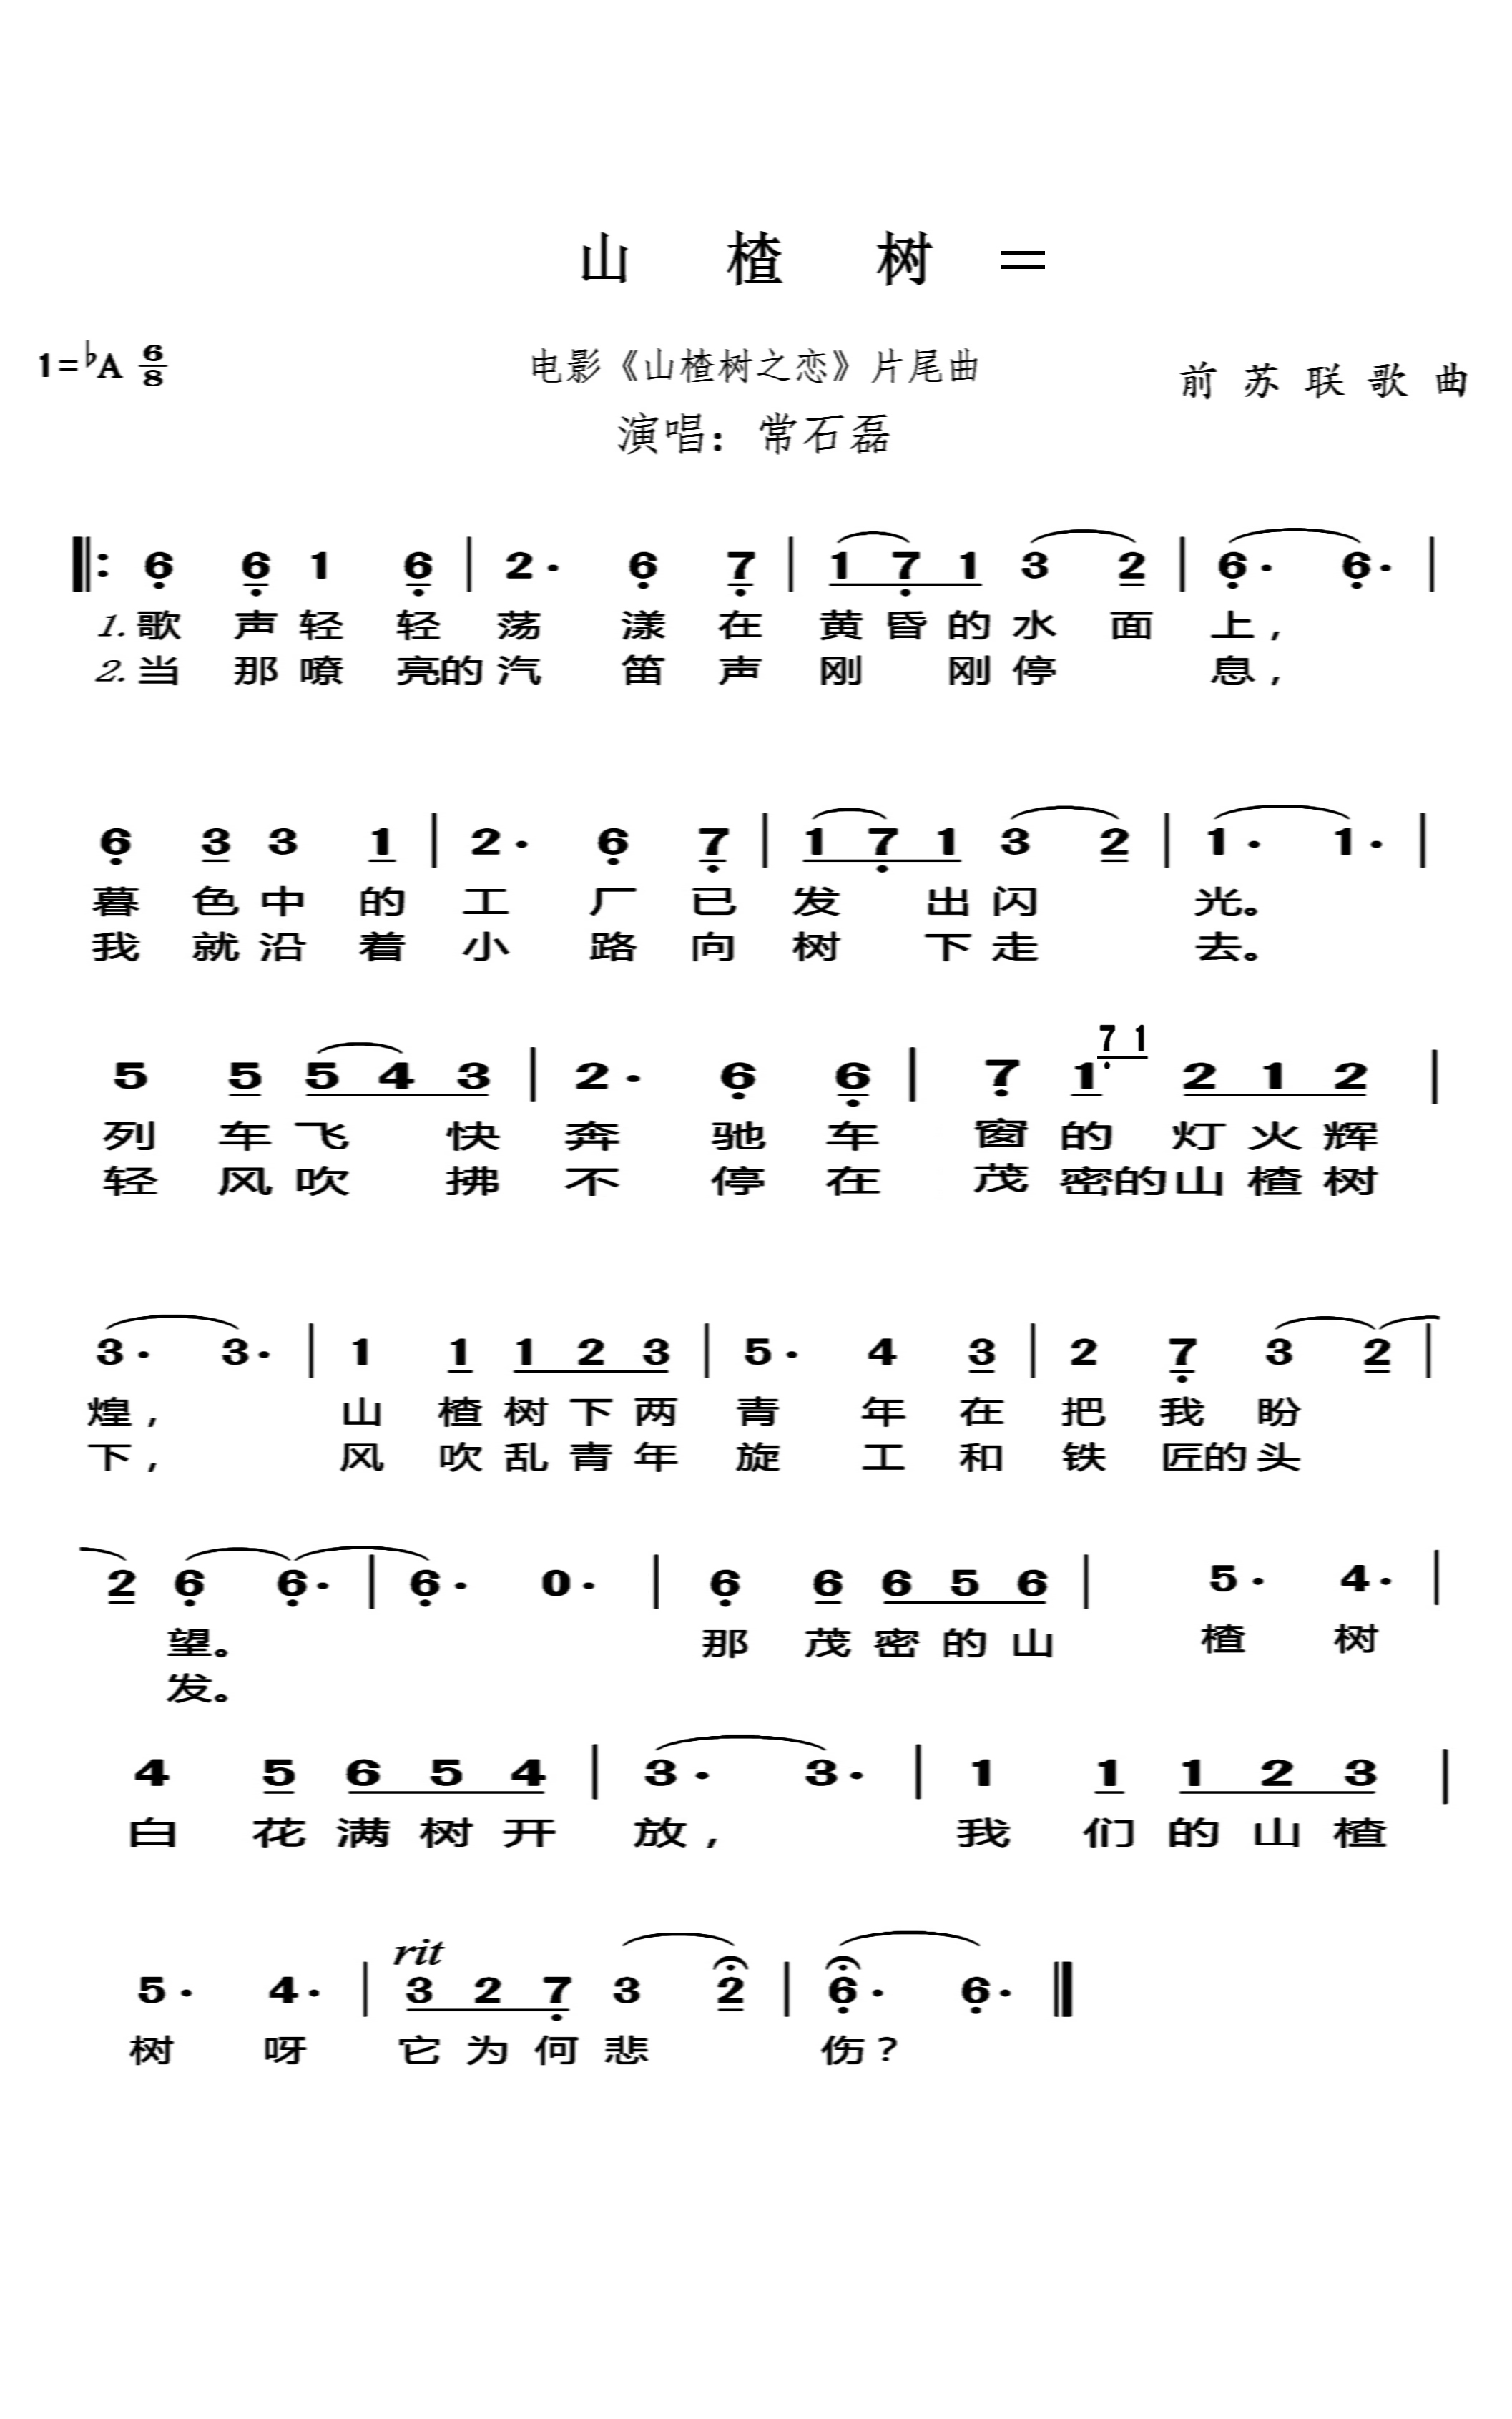 山楂树--葫芦丝简谱(编曲 混缩)tiger1950